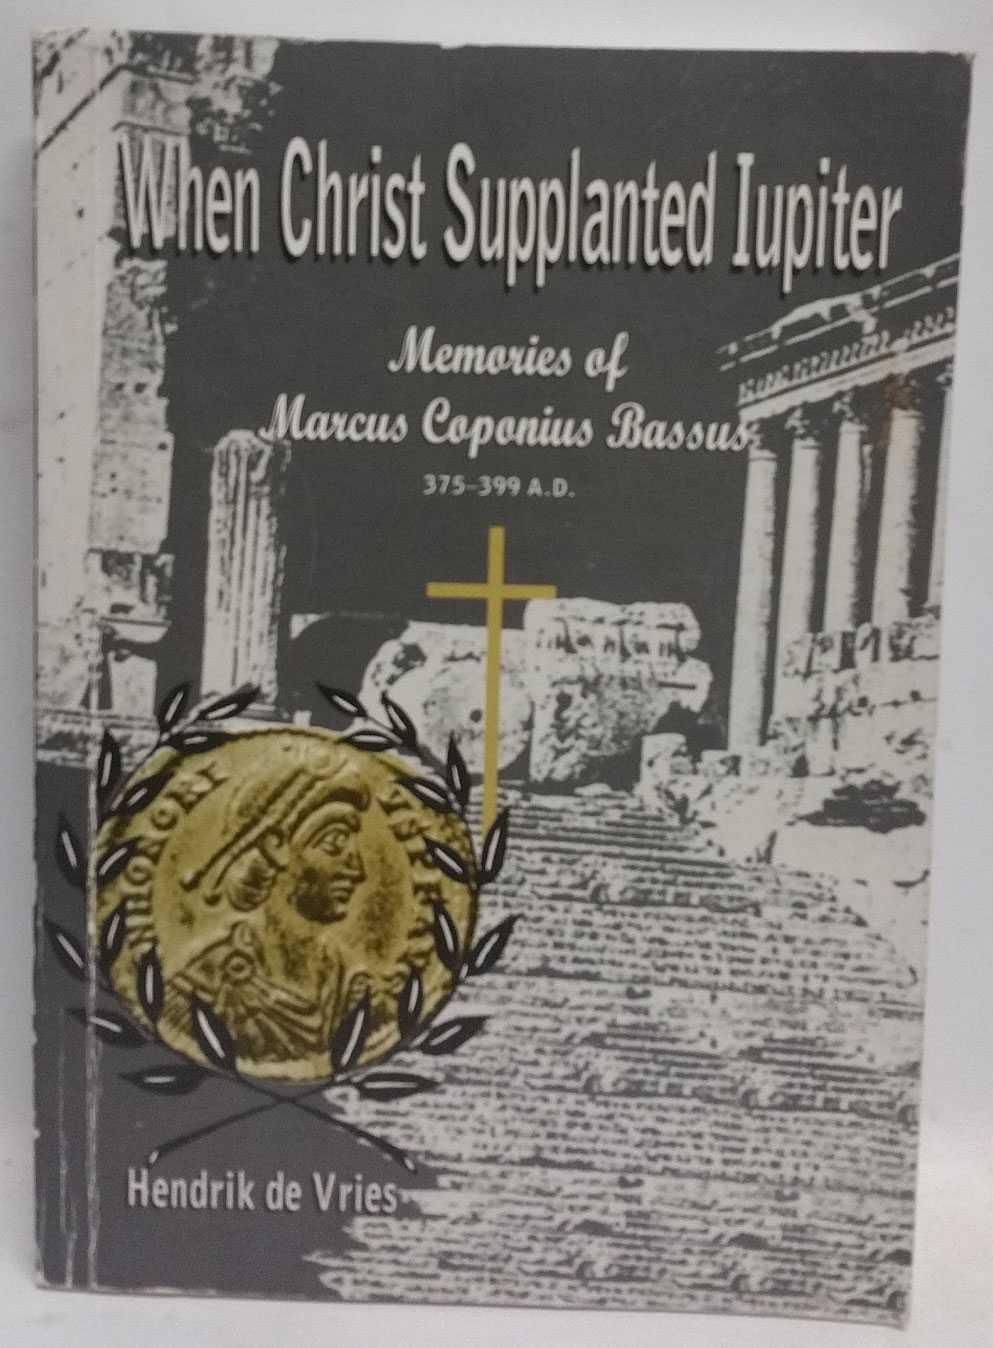 When Christ Supplanted Iupiter: Memories of Marcus Caponius Bassus 375-399 A.D., Hendrik de Vries